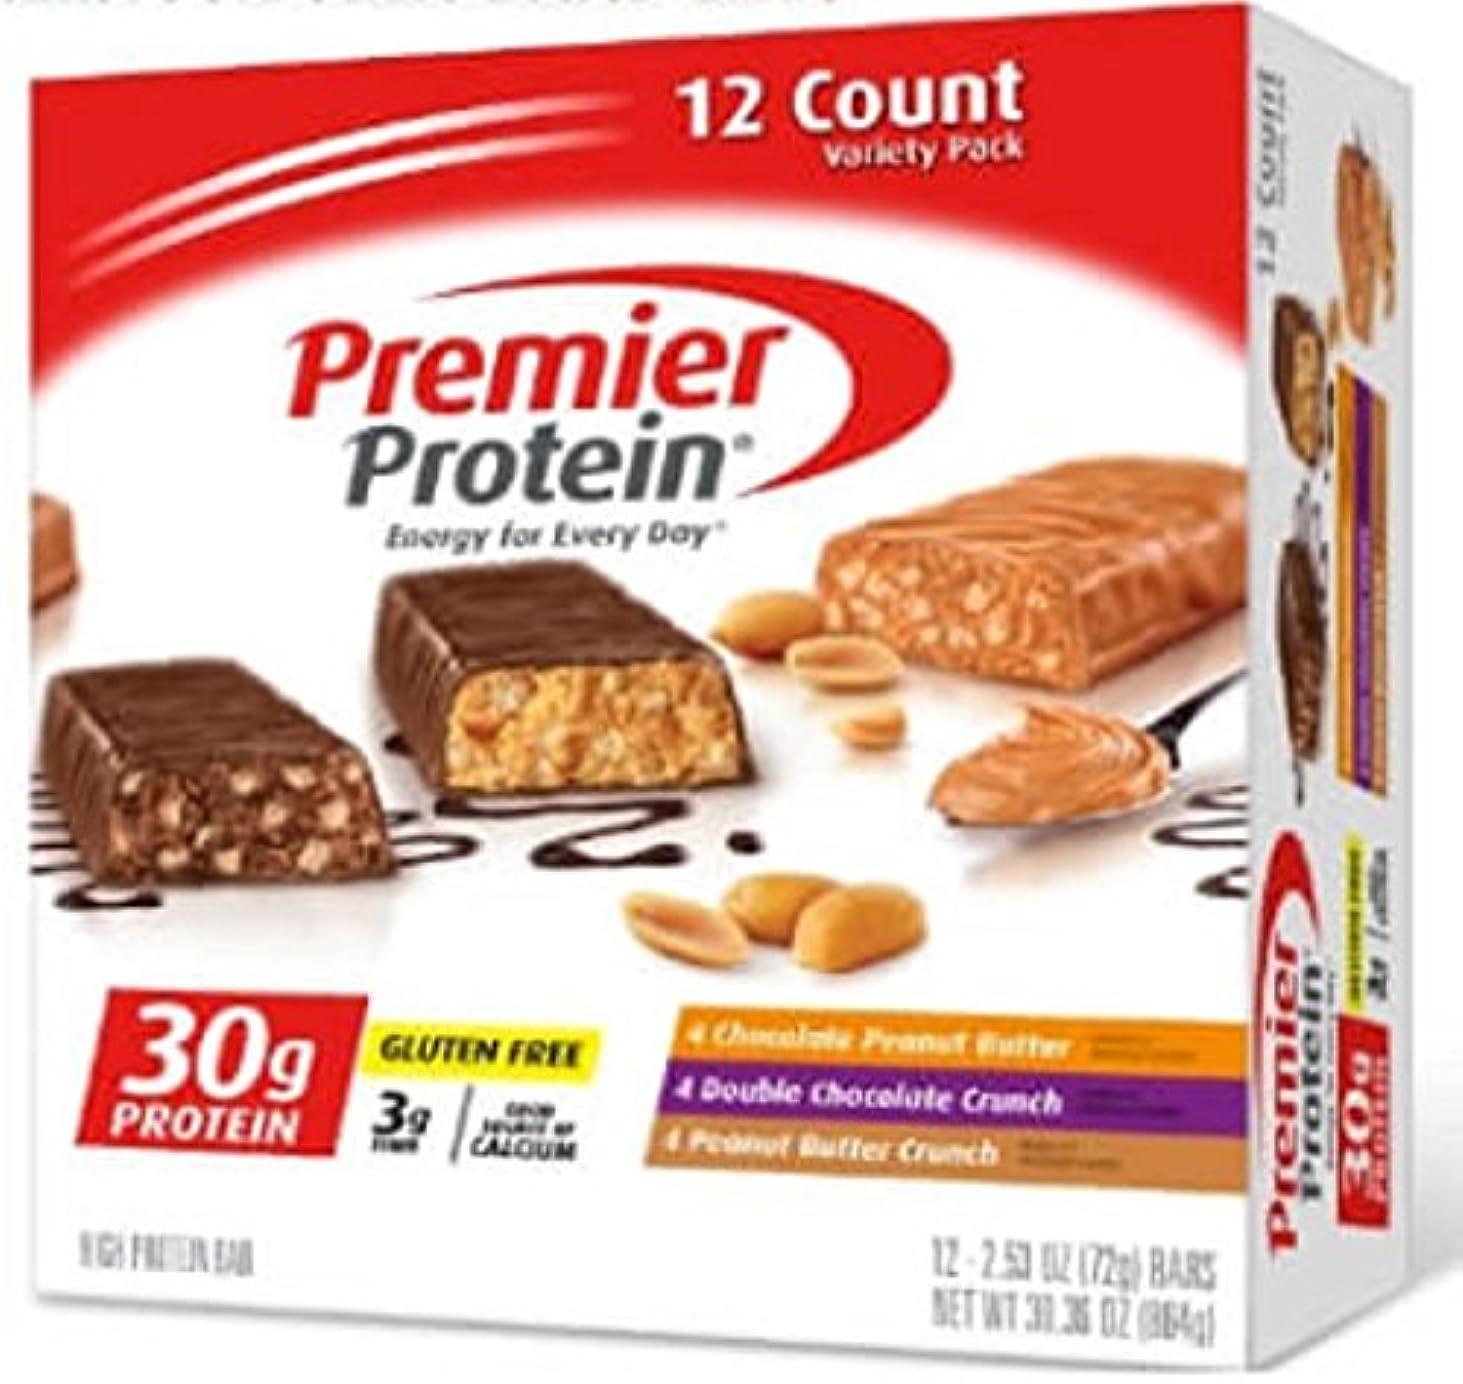 謎窓可能にする【2箱セット】Premier Protein プレミア プロテイン プロテインバー バラエティパック(72g x 12本入り x 2箱)